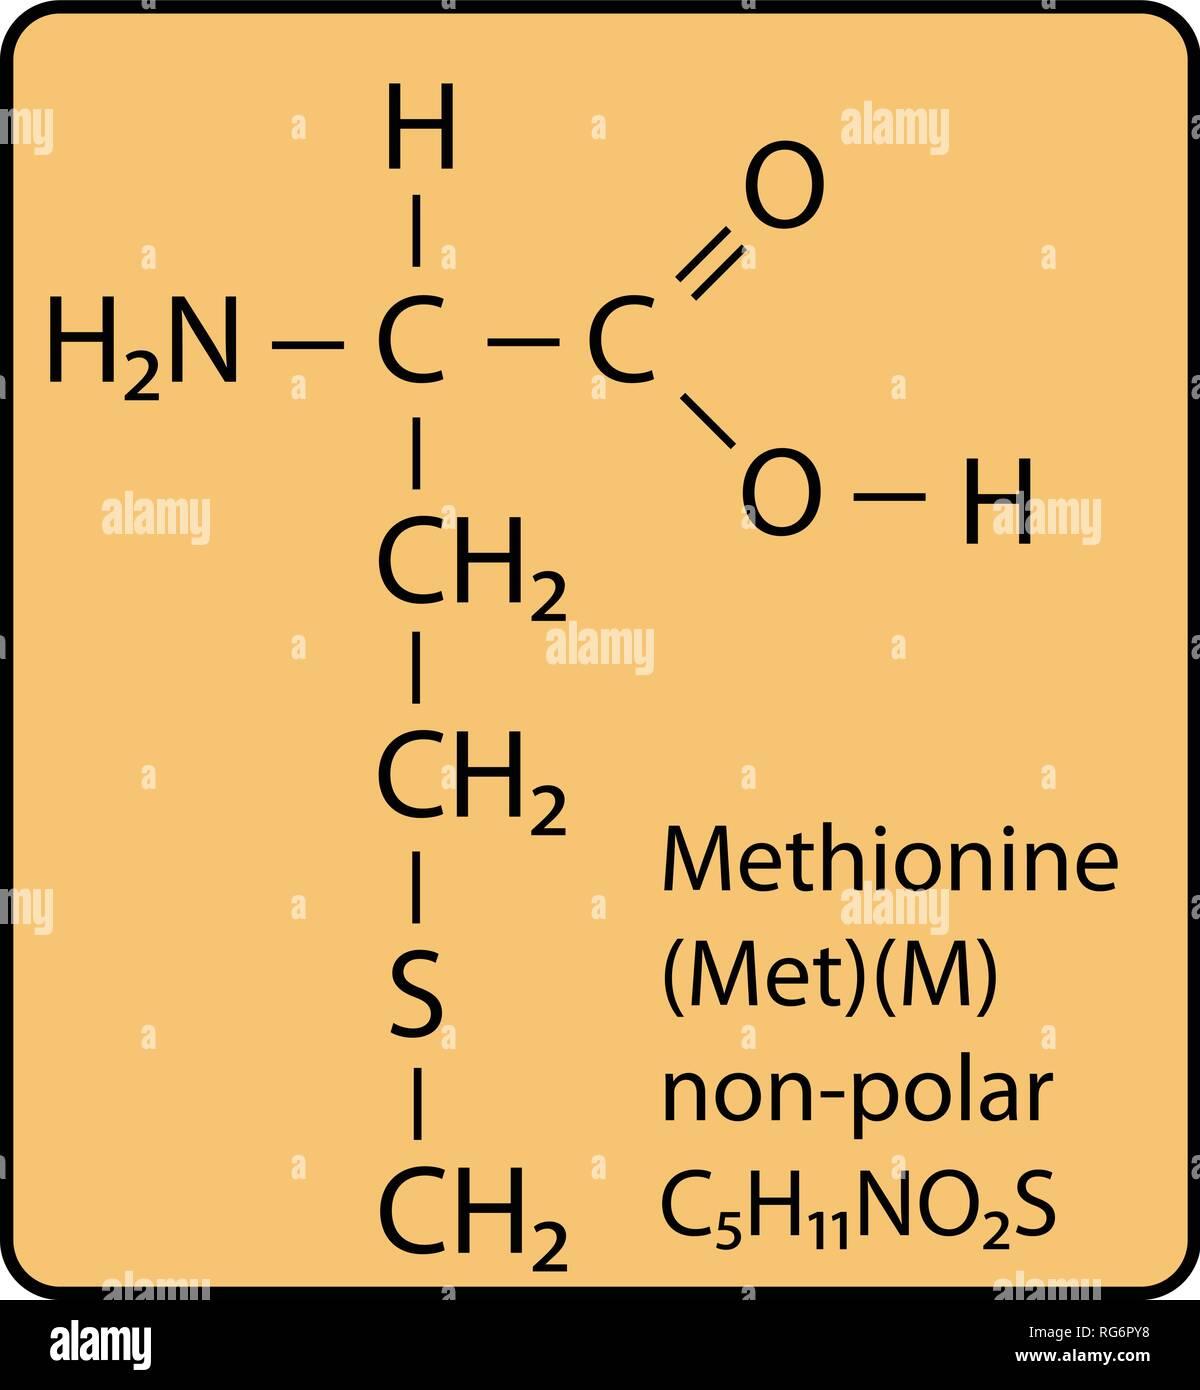 Molécula De Aminoácido Metionina Estructura Esquelética Imagen Vector De Stock Alamy